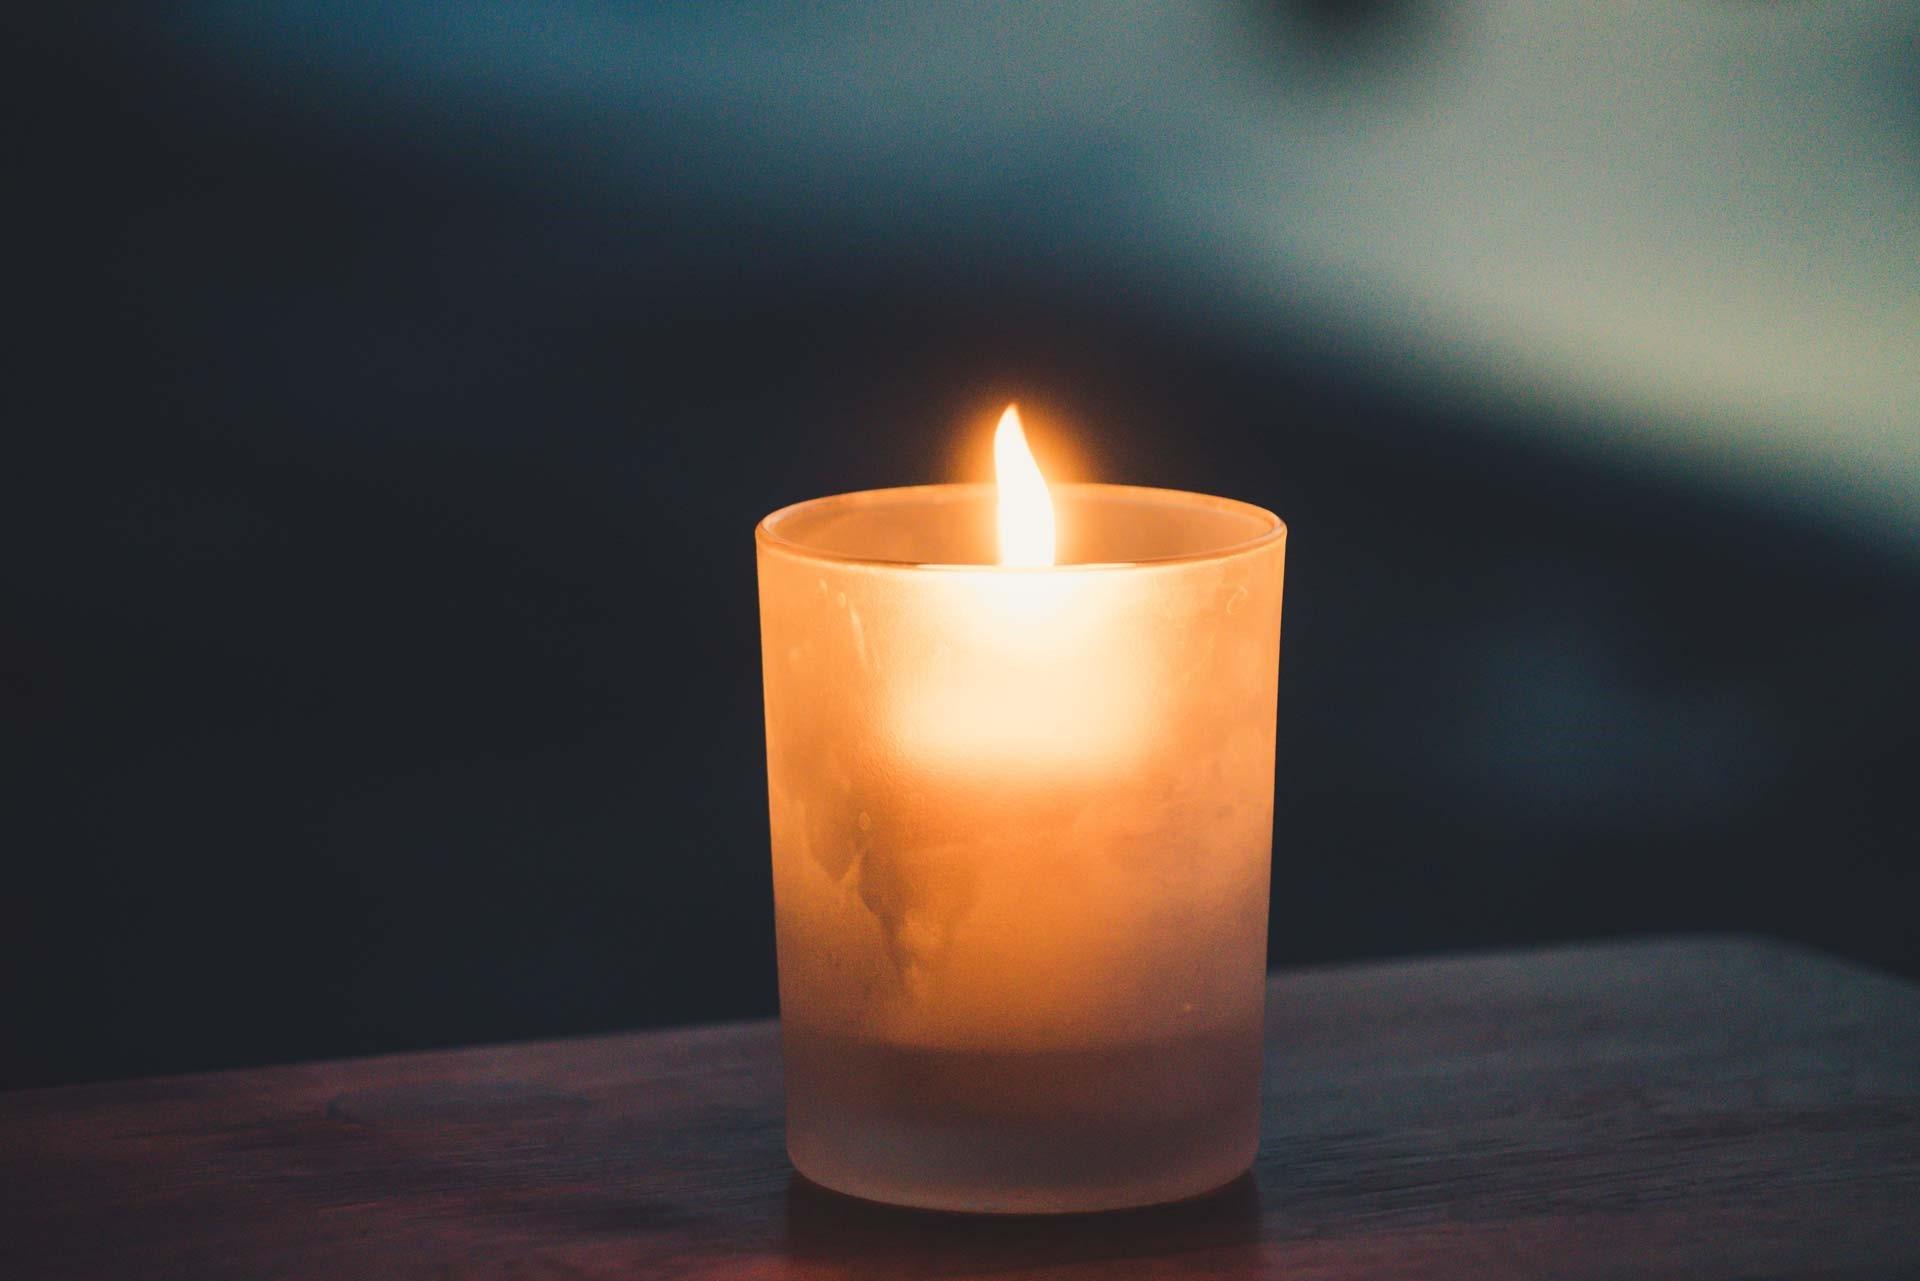 Les bougies sont une merveilleuse façon de marquer des célébrations importantes.